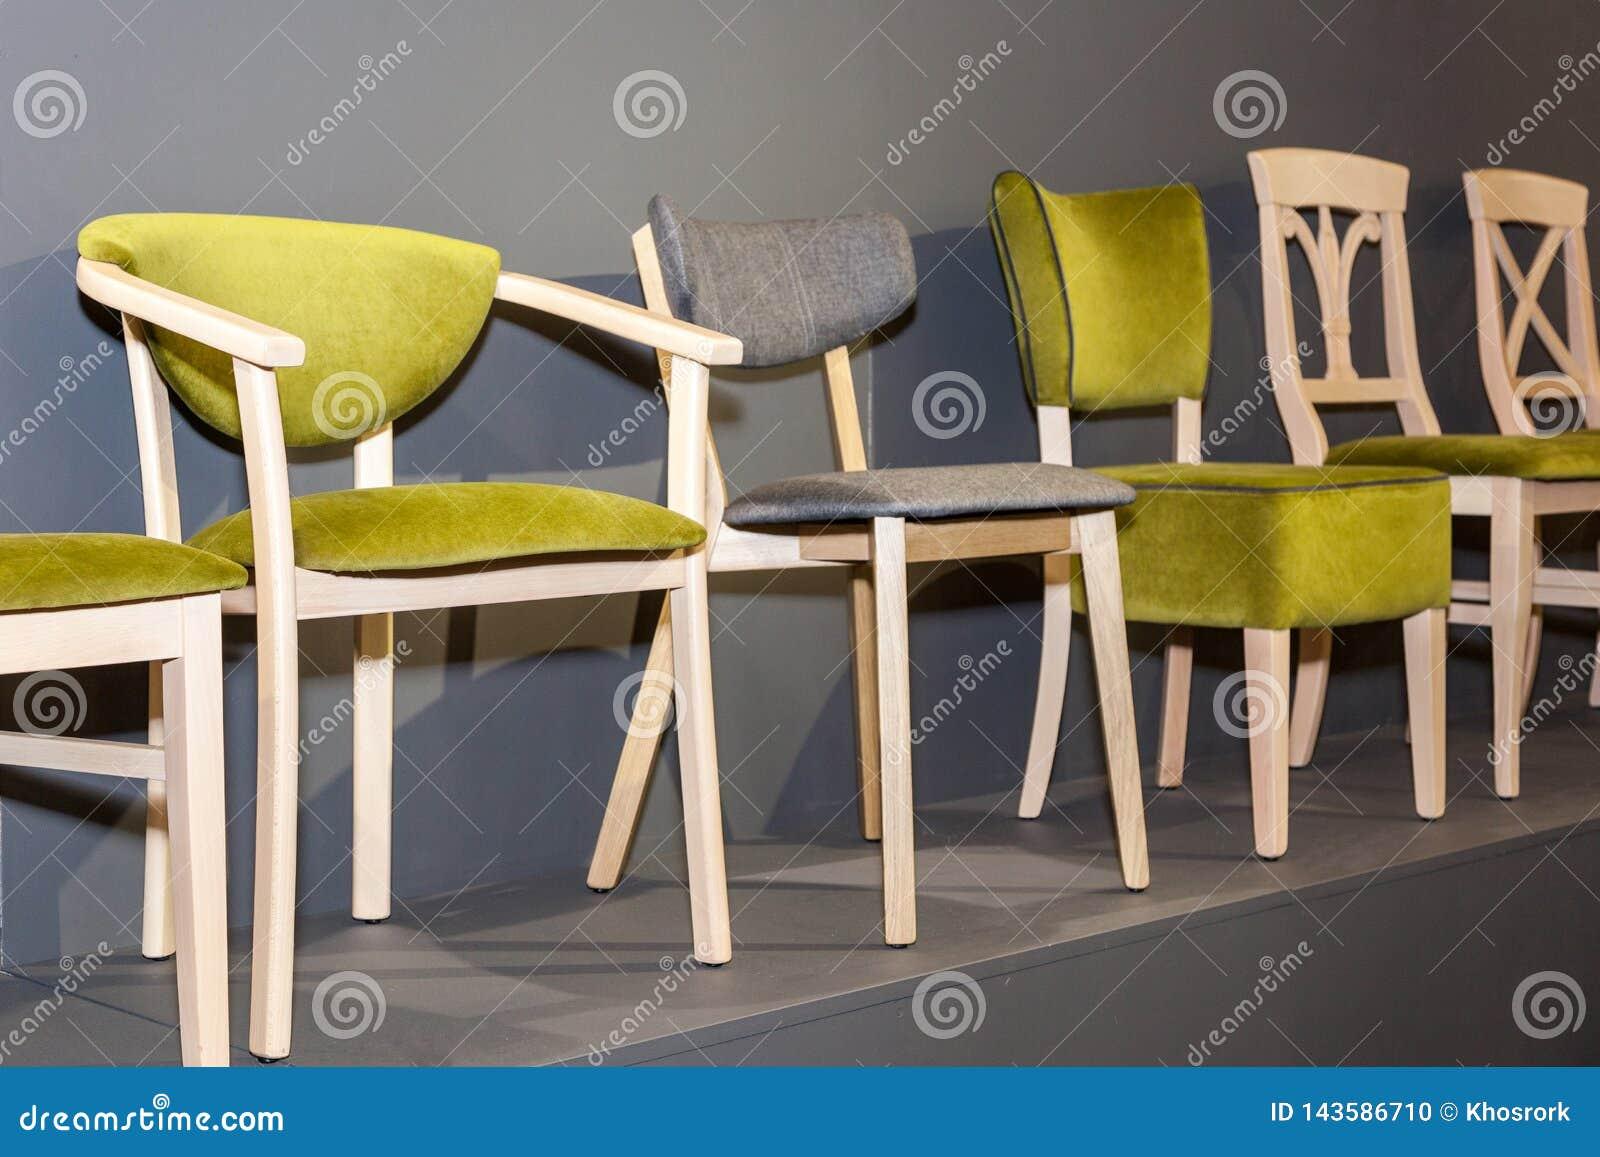 Houten stoelen met groen bekleed dichtbij grijze muur